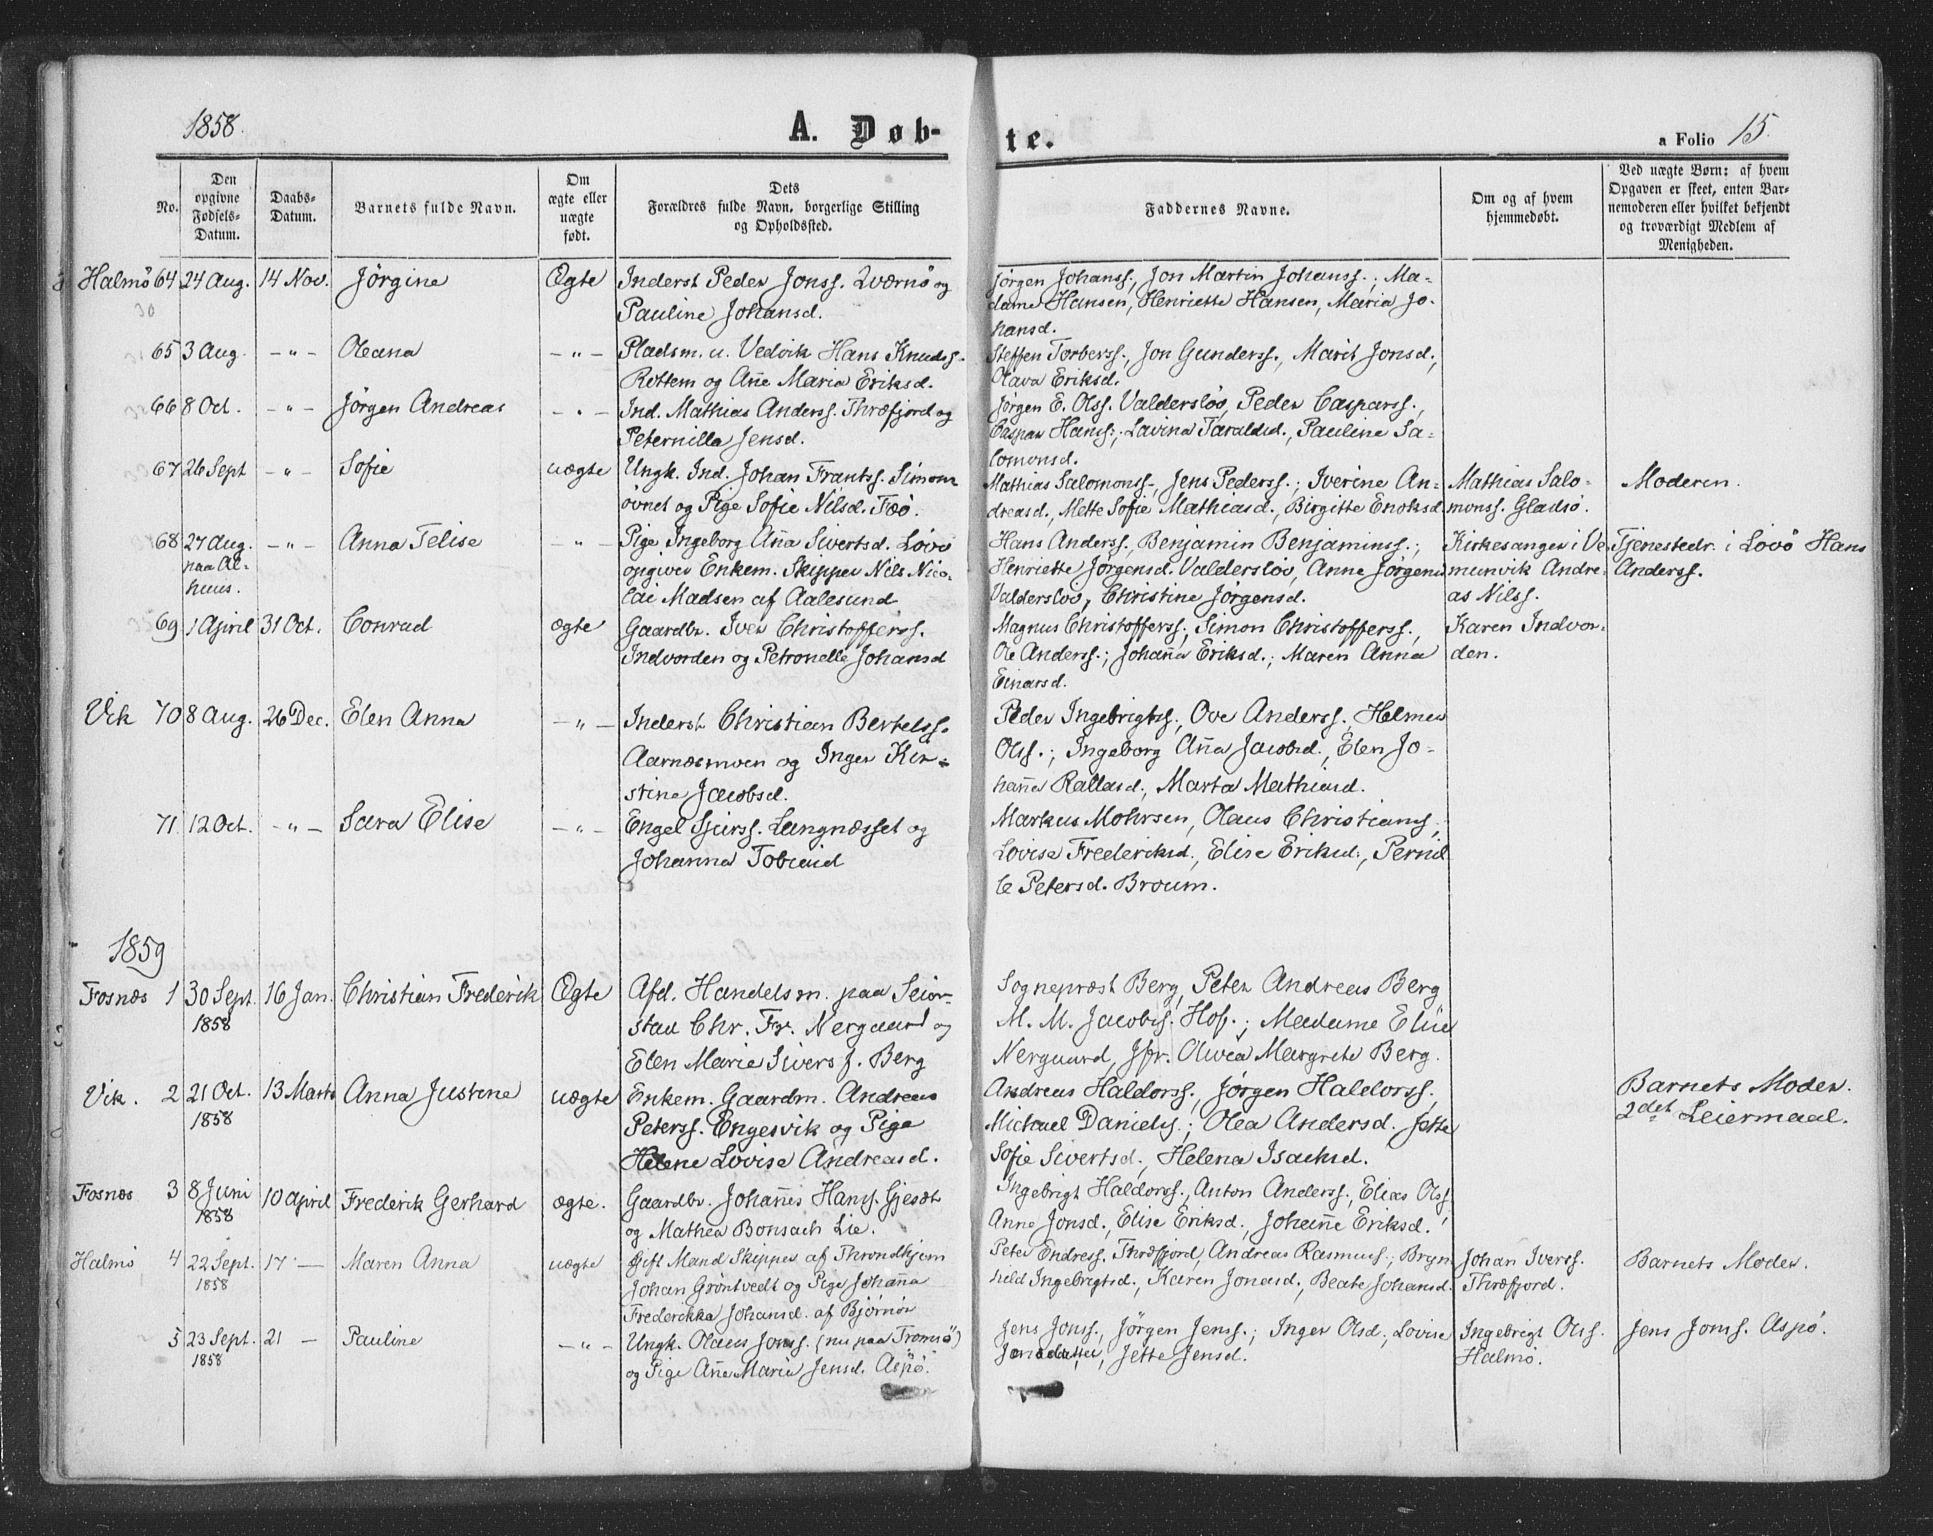 SAT, Ministerialprotokoller, klokkerbøker og fødselsregistre - Nord-Trøndelag, 773/L0615: Ministerialbok nr. 773A06, 1857-1870, s. 15